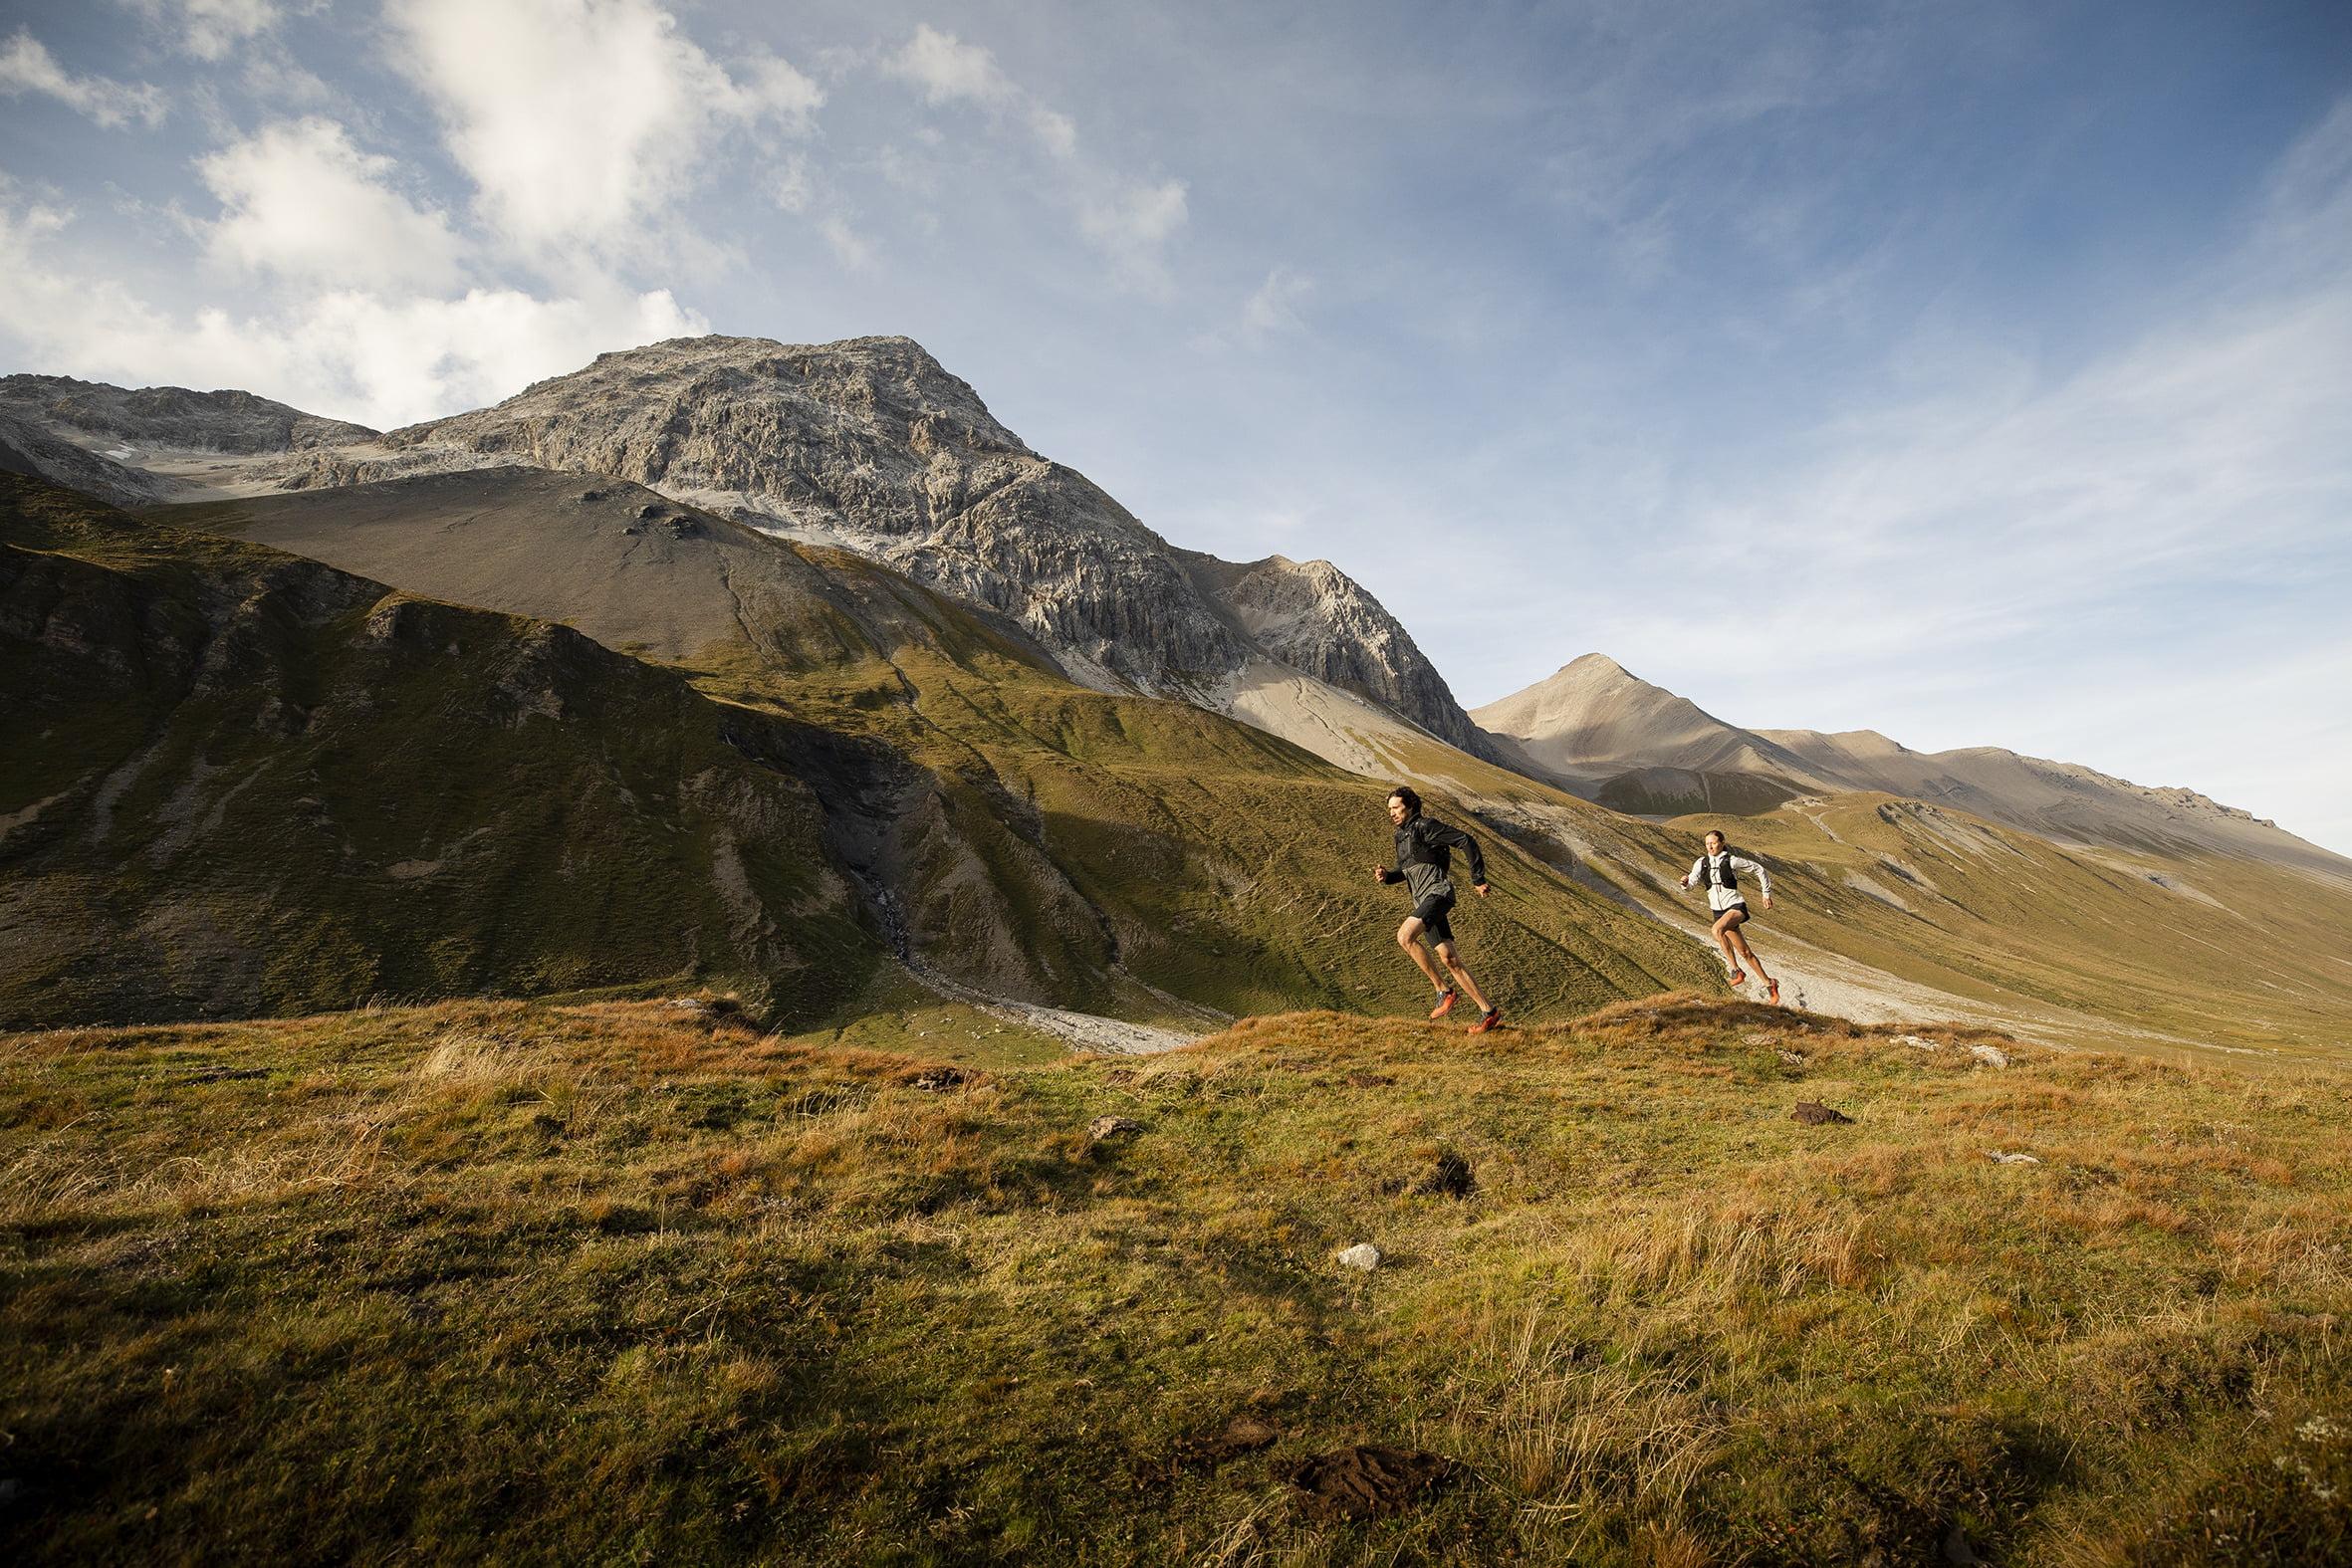 Running on unpaved terrain